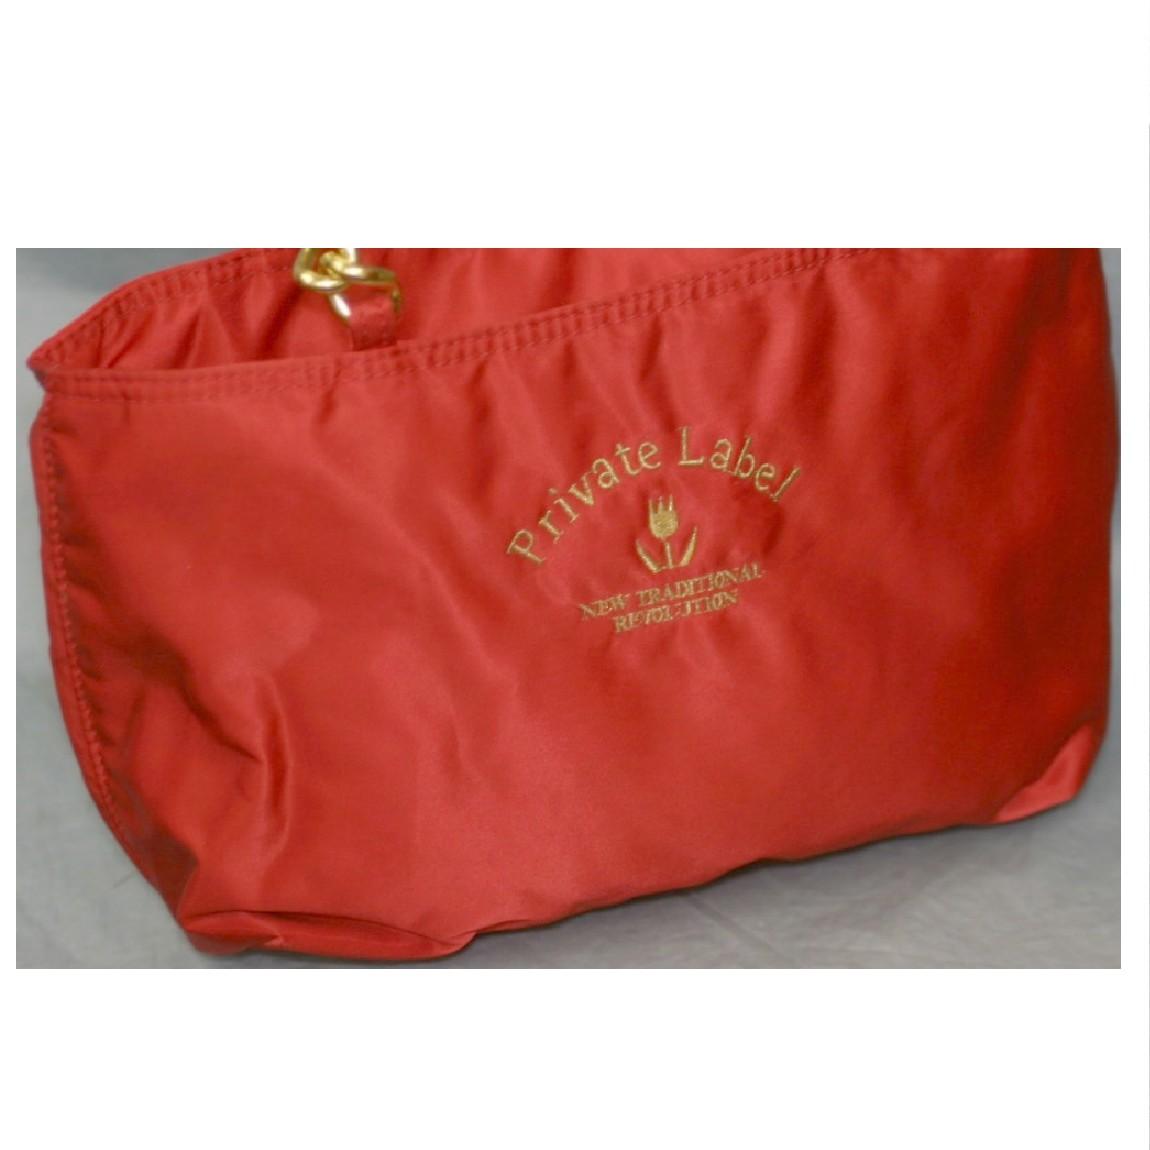 【中古】本物綺麗プライベ-トレーベル女性用赤ナイロン金色持ち手可愛い27cmバッグ 251130-1